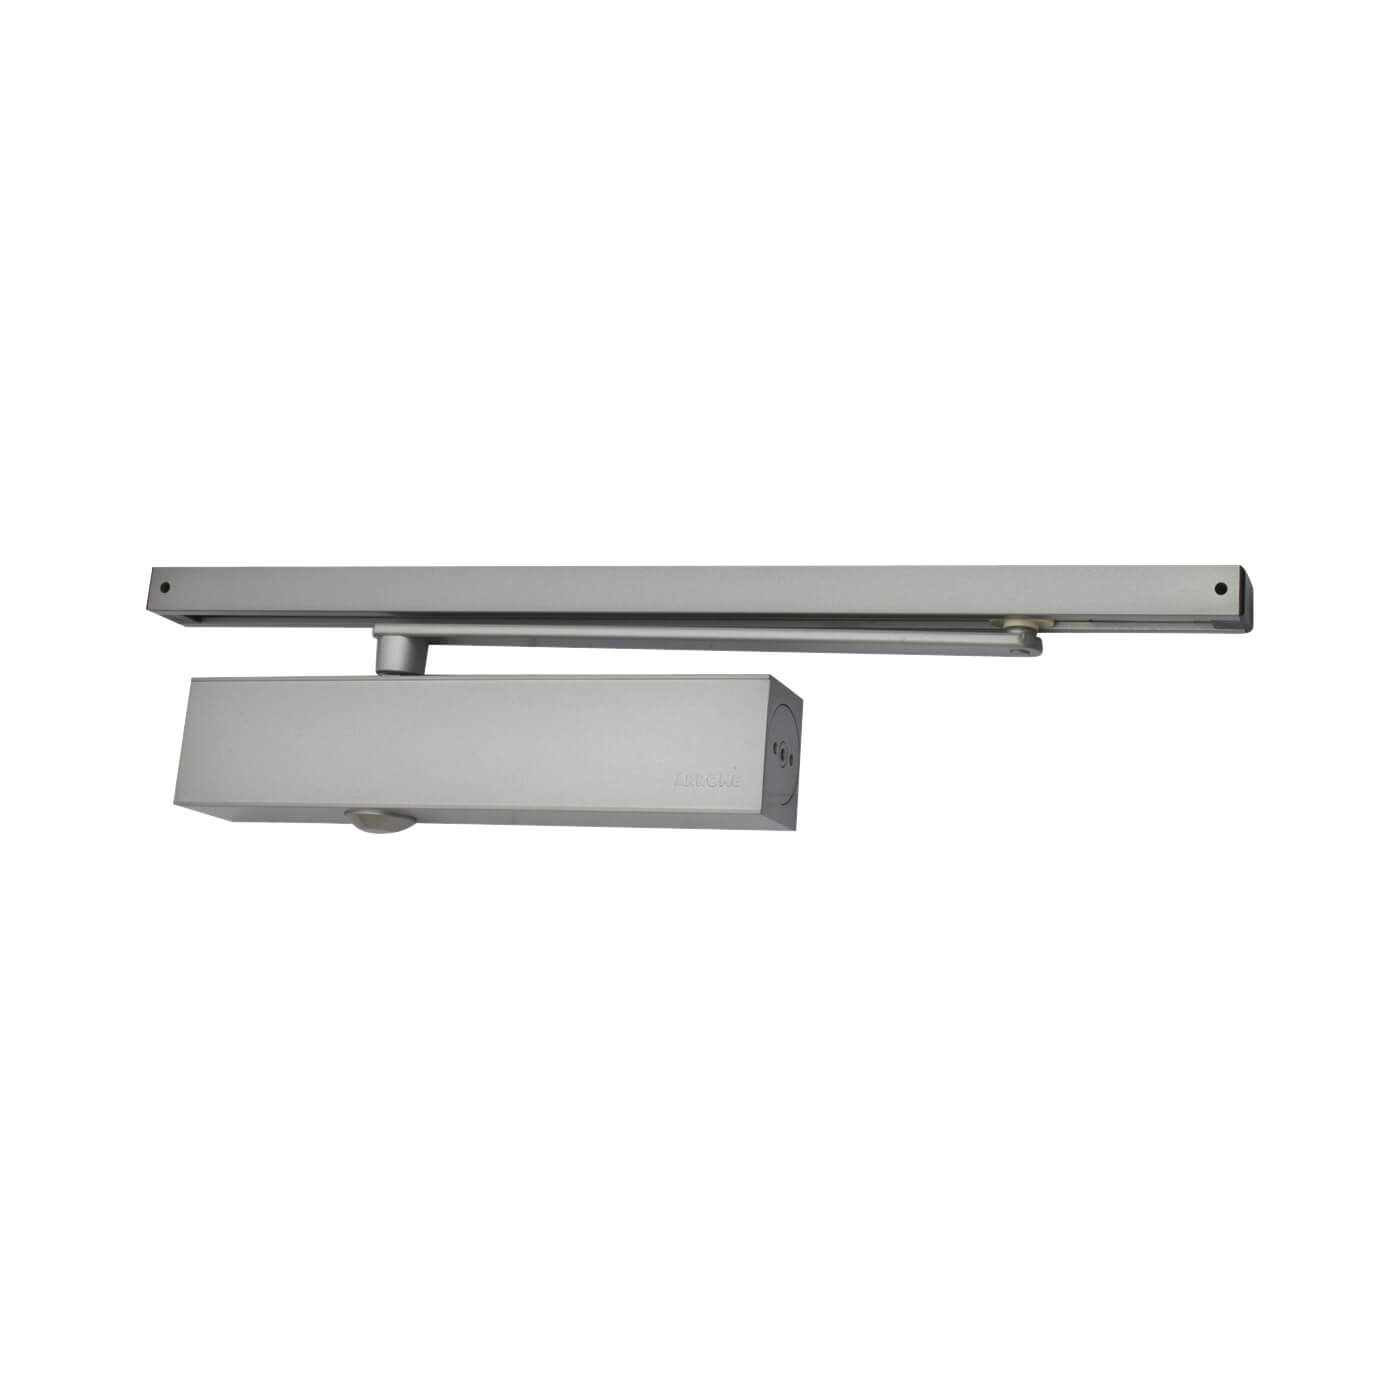 Arrone® AR8209 Track Arm Door Closer - Silver)